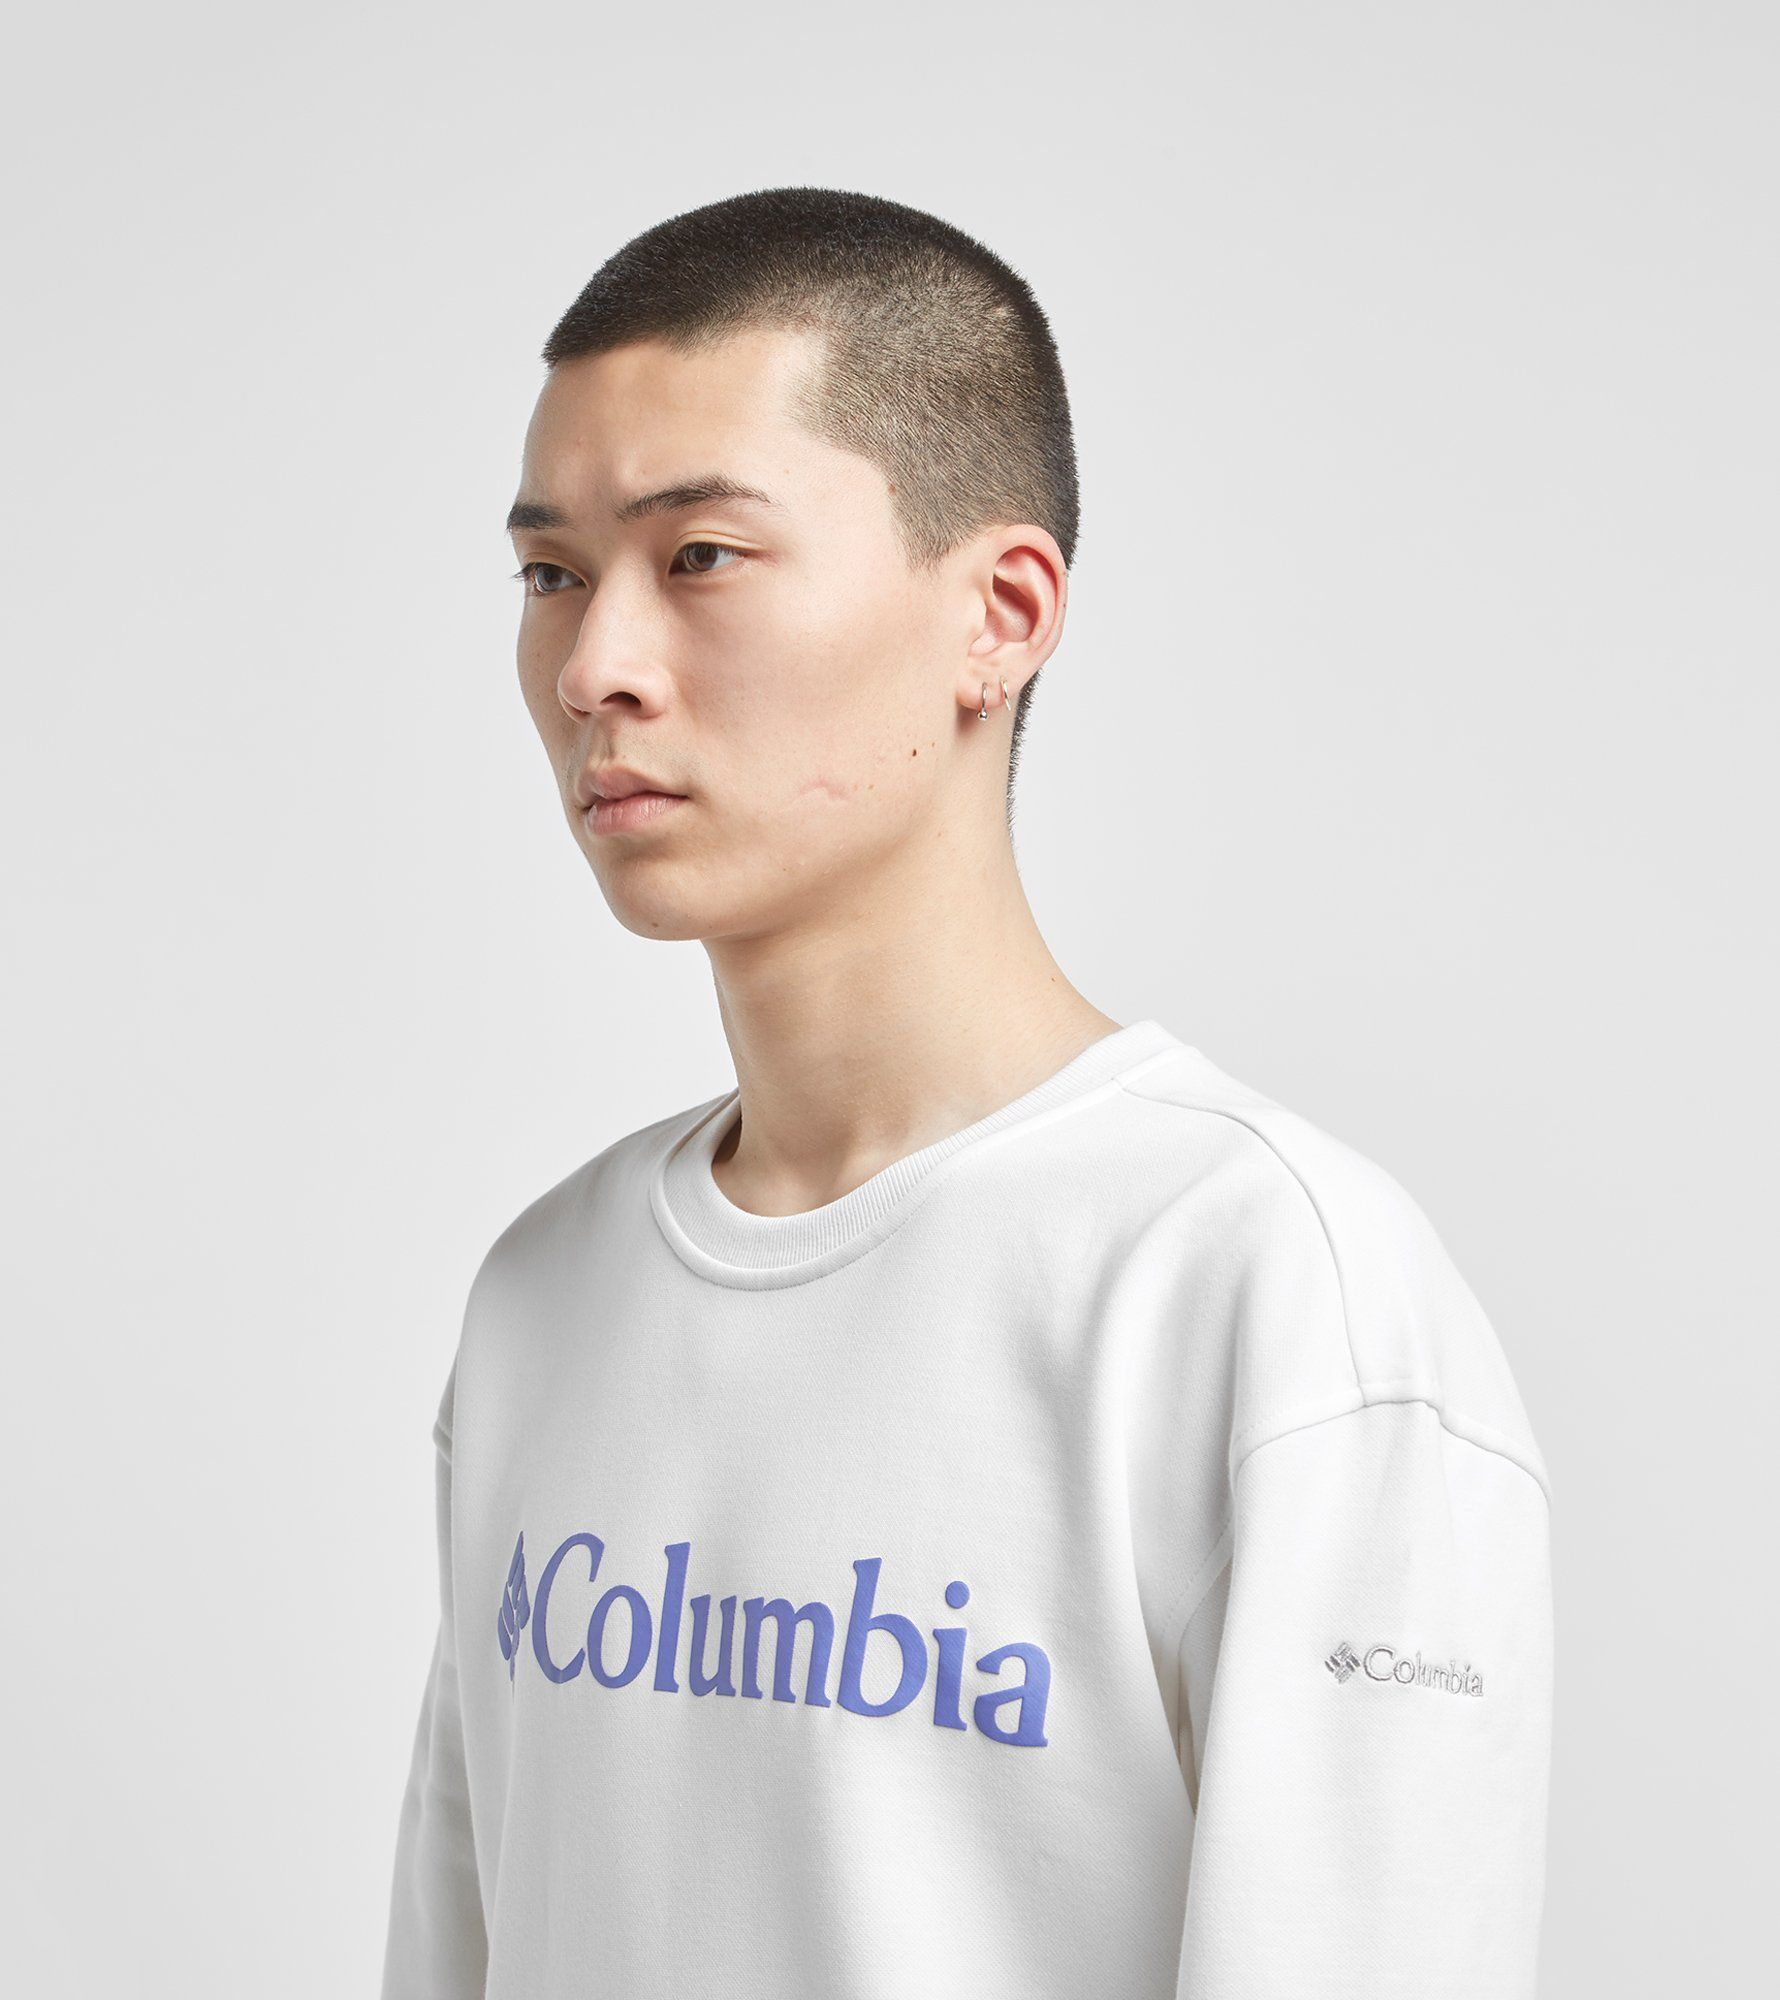 Columbia Freemont Sweatshirt - size? Exclusive